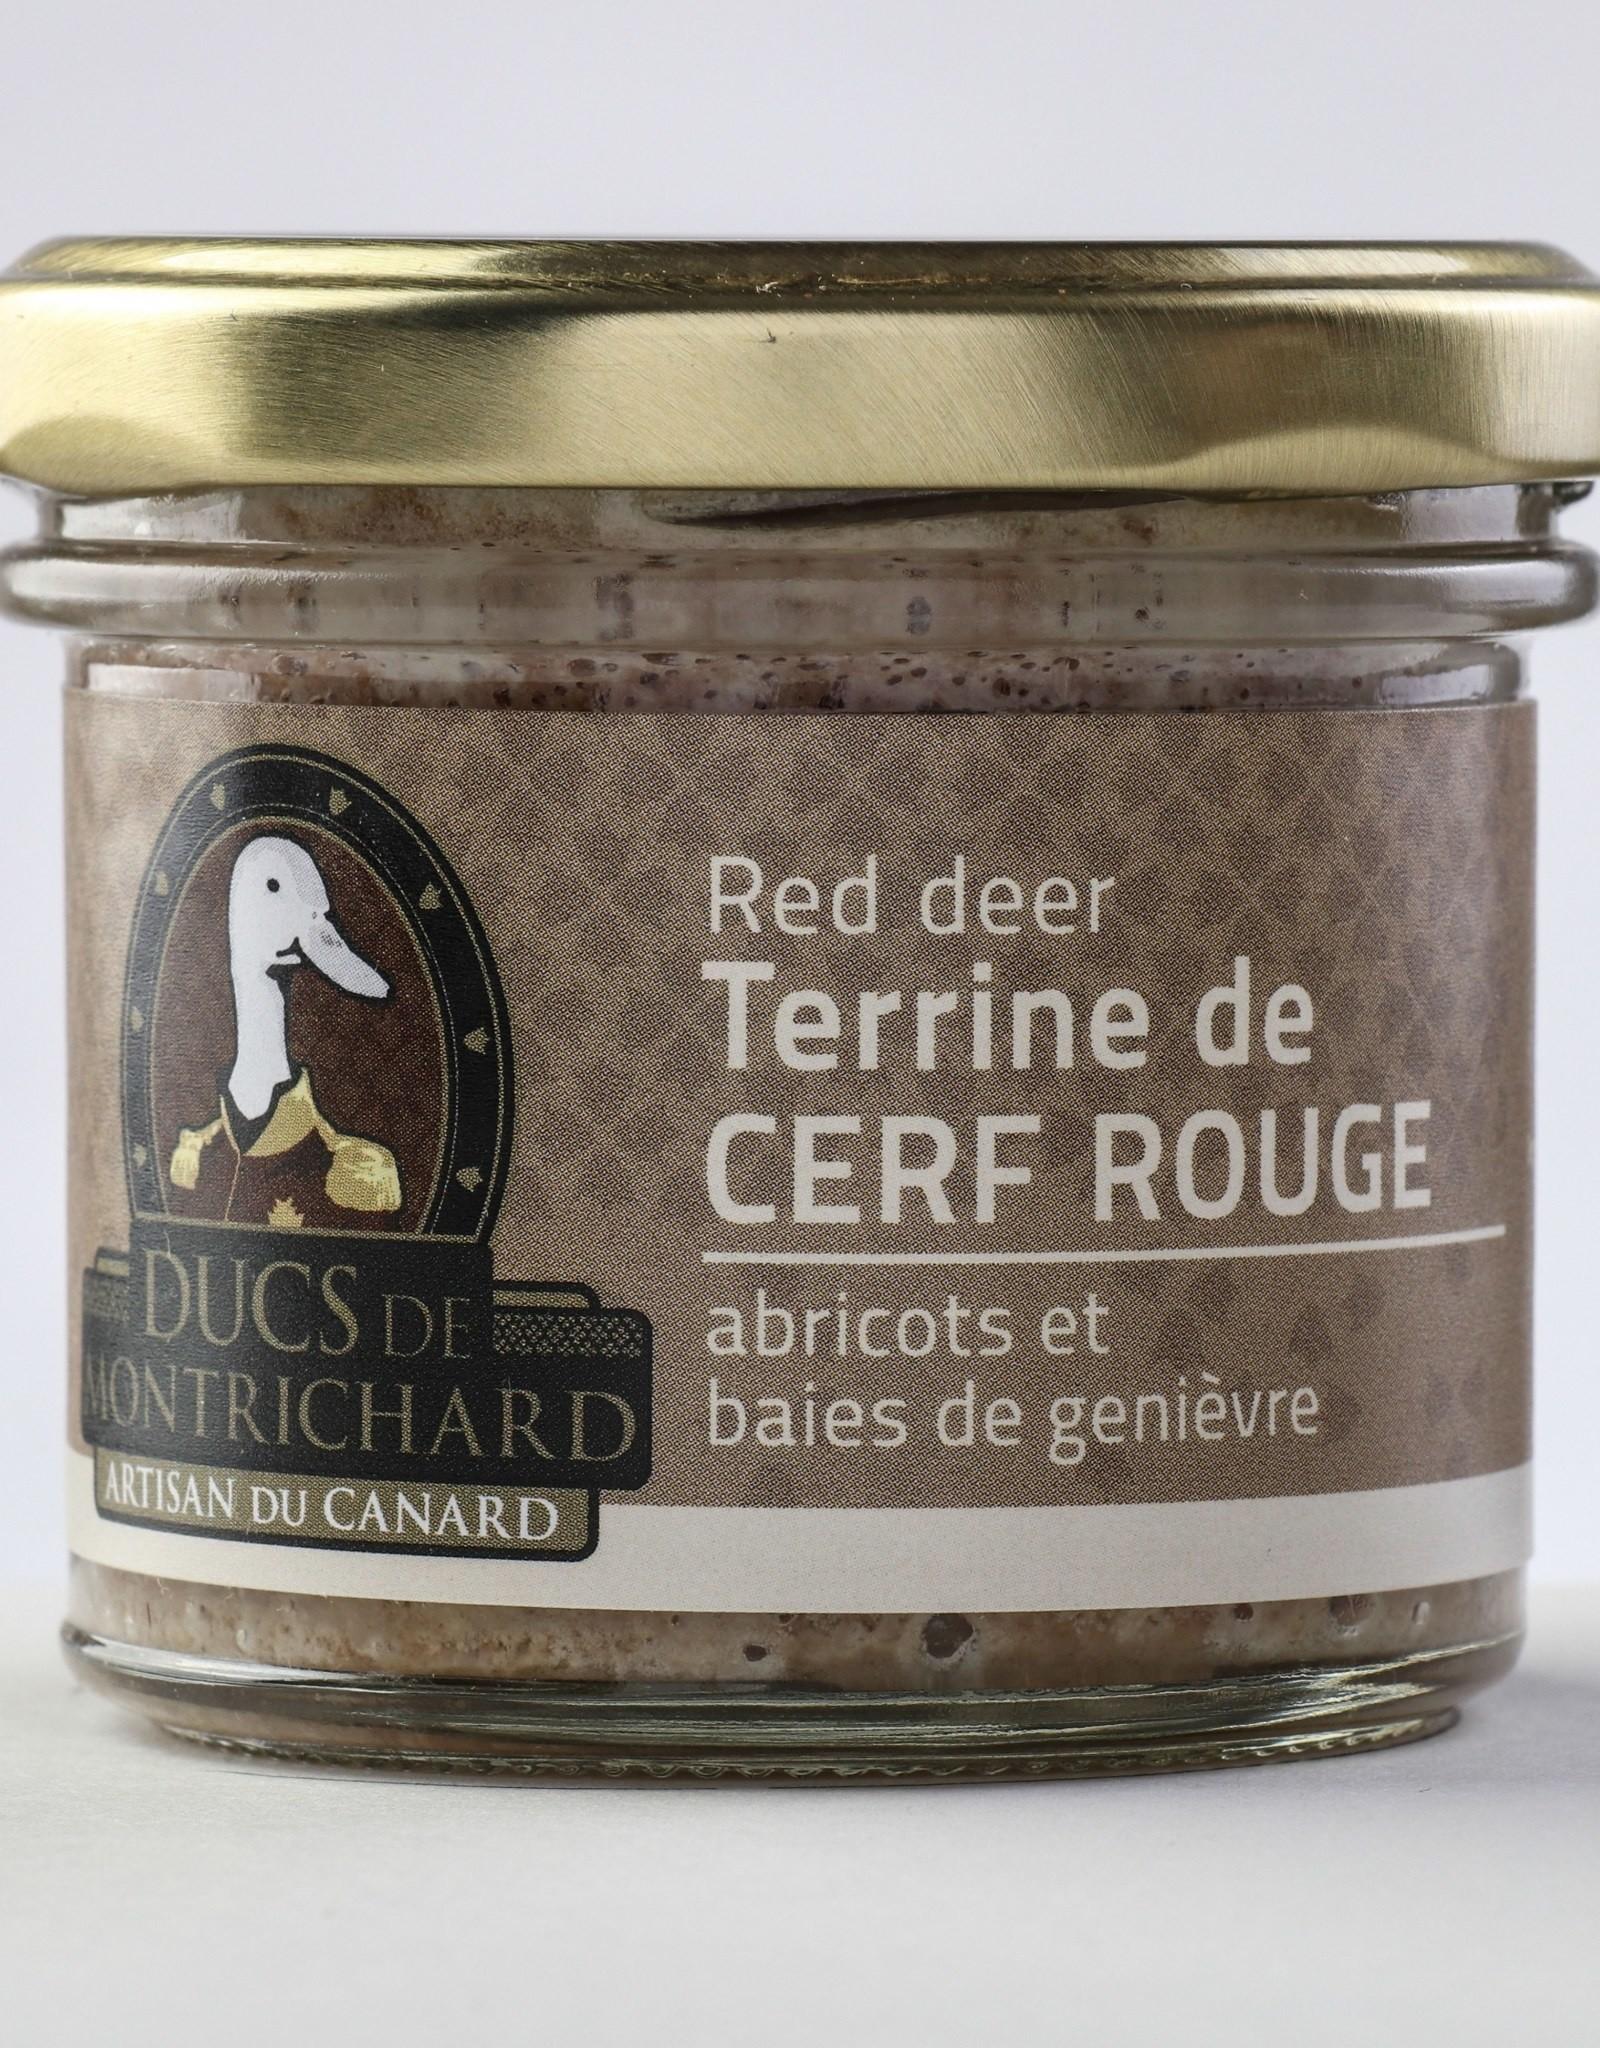 Terrine de cerf - Abricots et baies de genièvre